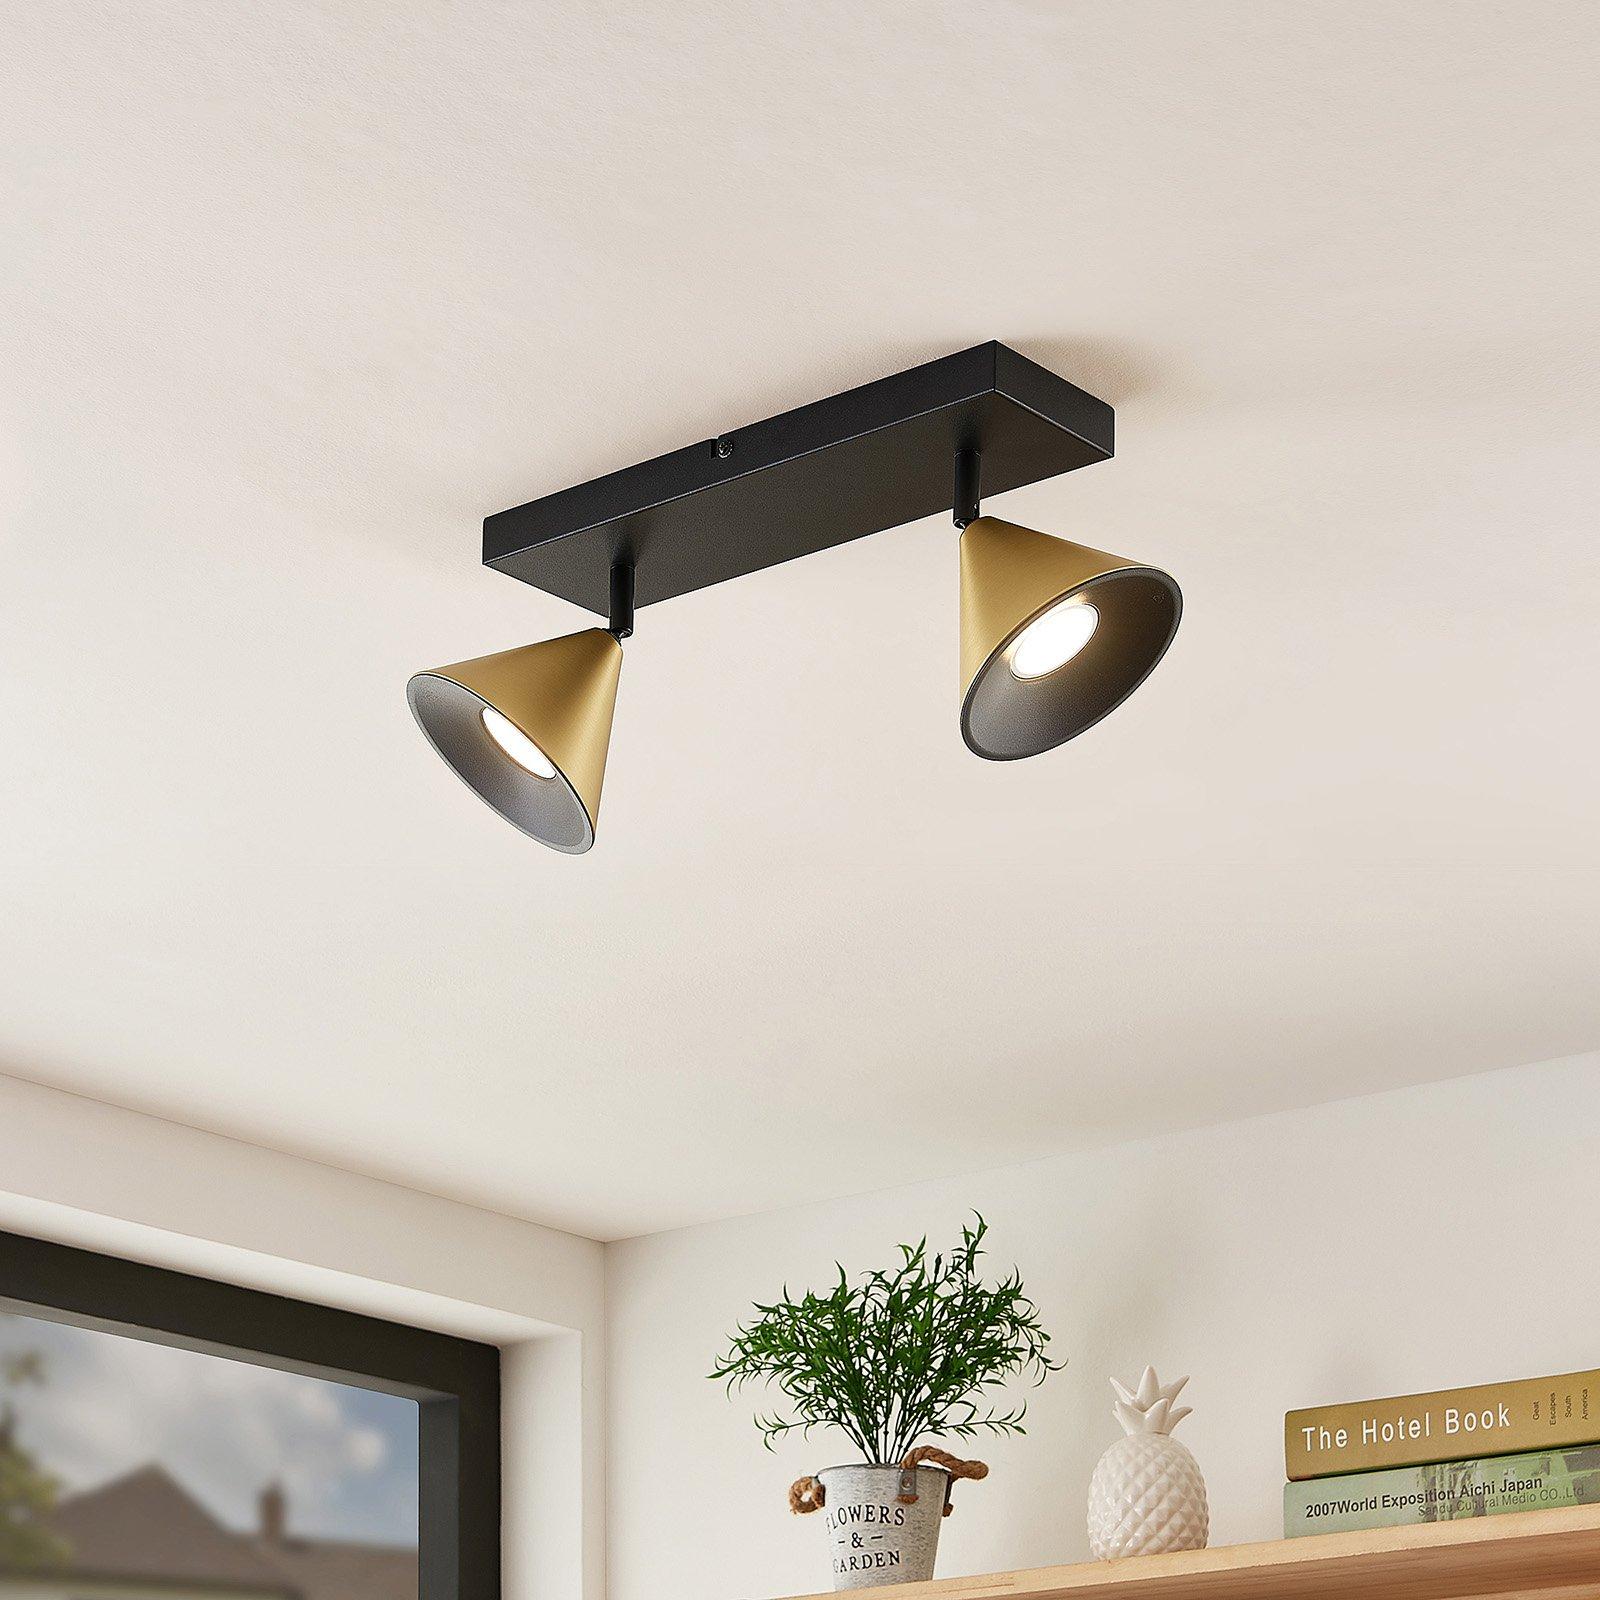 Lucande Kartio taklampe, 2 lys, dreibar, messing